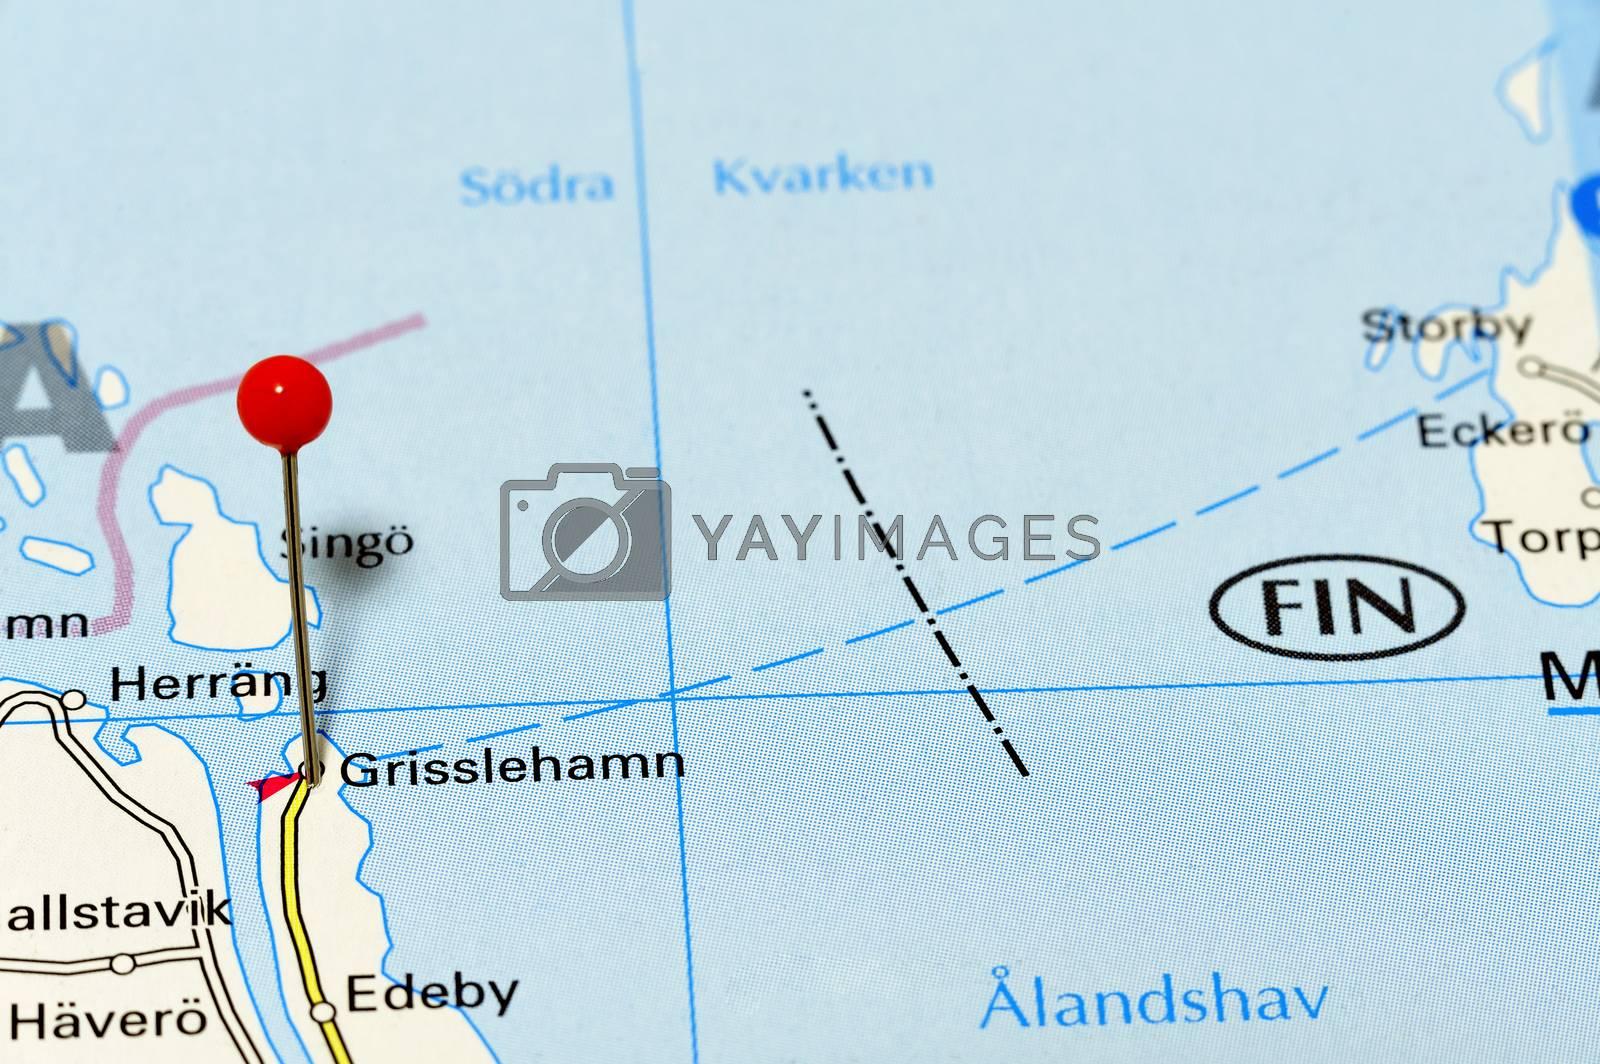 Closeup map of Grsslehamn. Grisslehamn a city in Sweden.